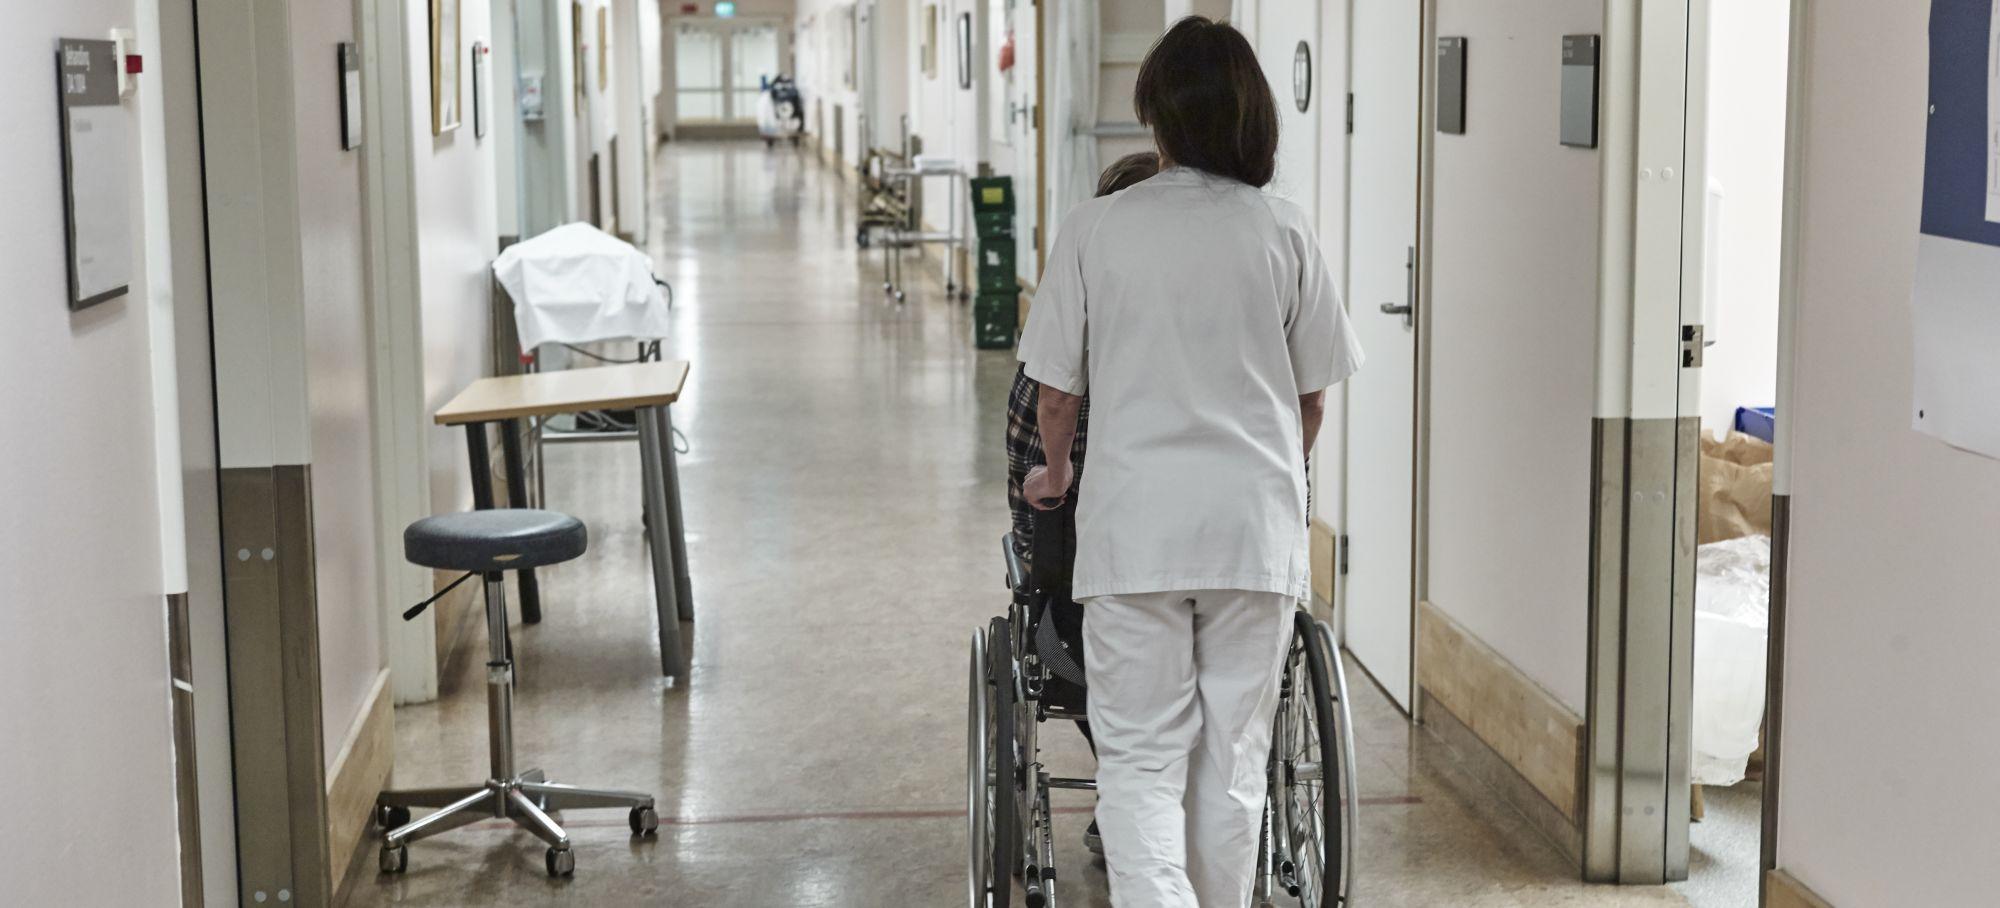 Sykepleier triller pasient på sykehus